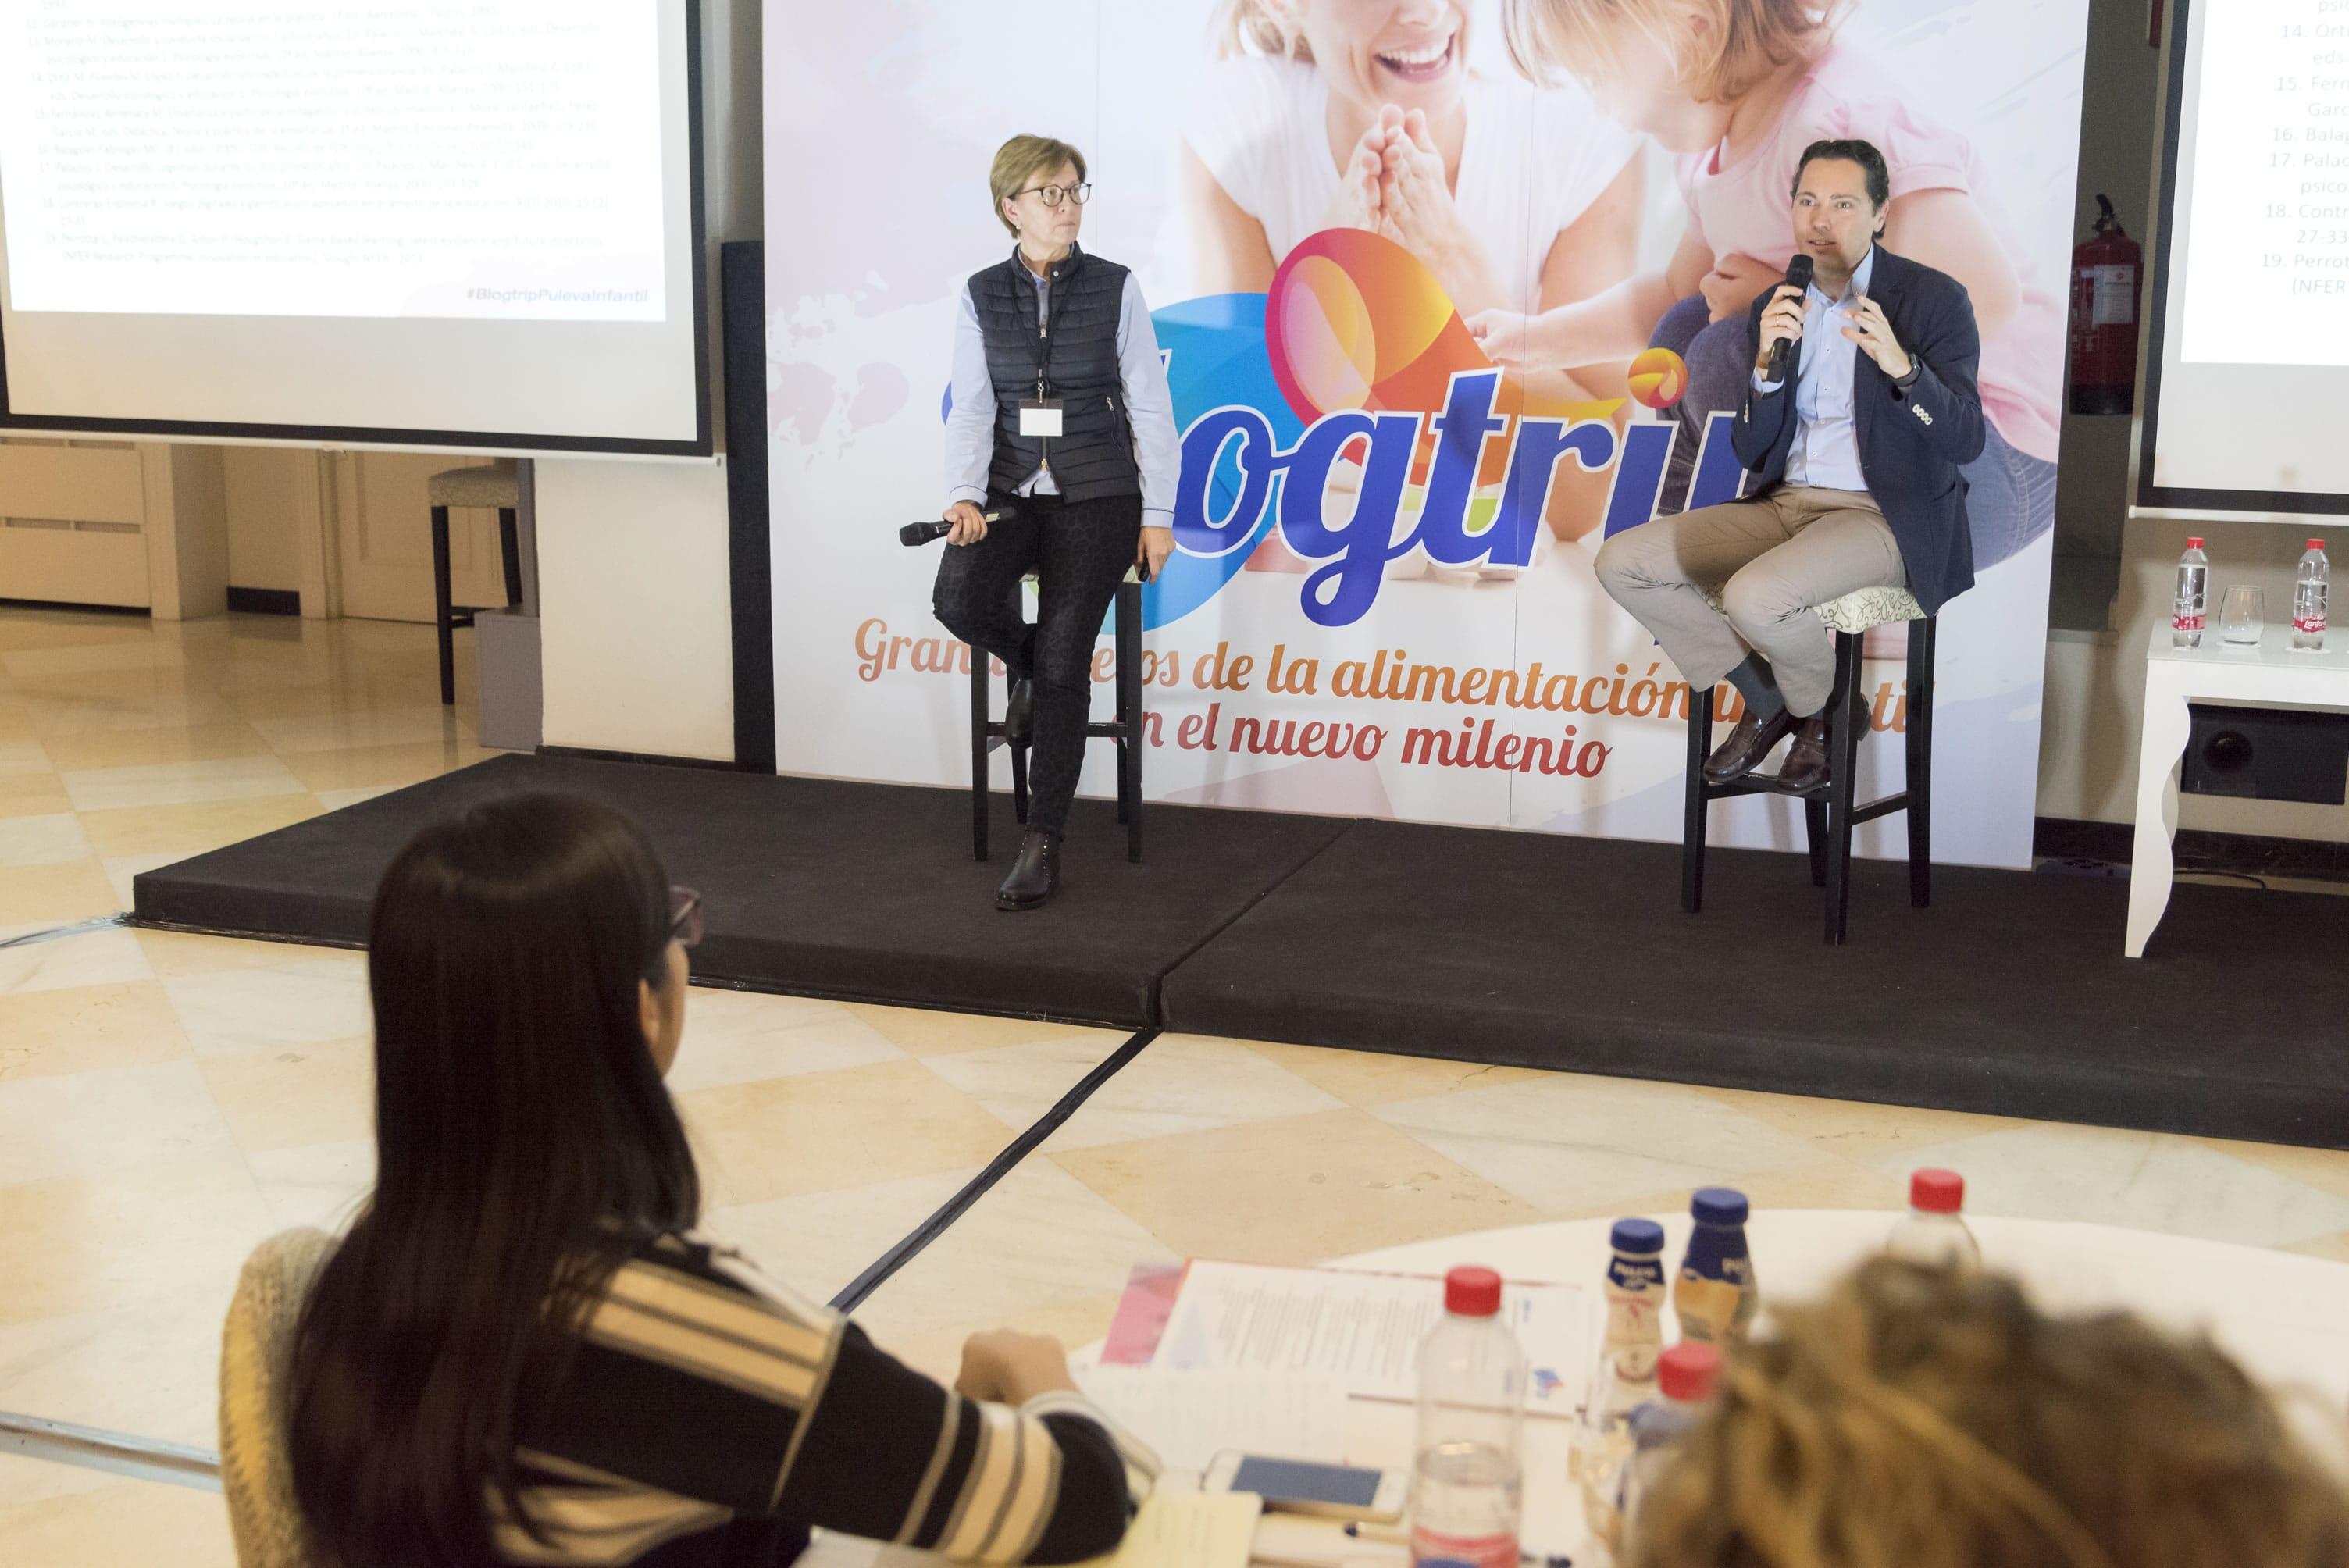 Dra. Carme Balaguer blogtrip puleva